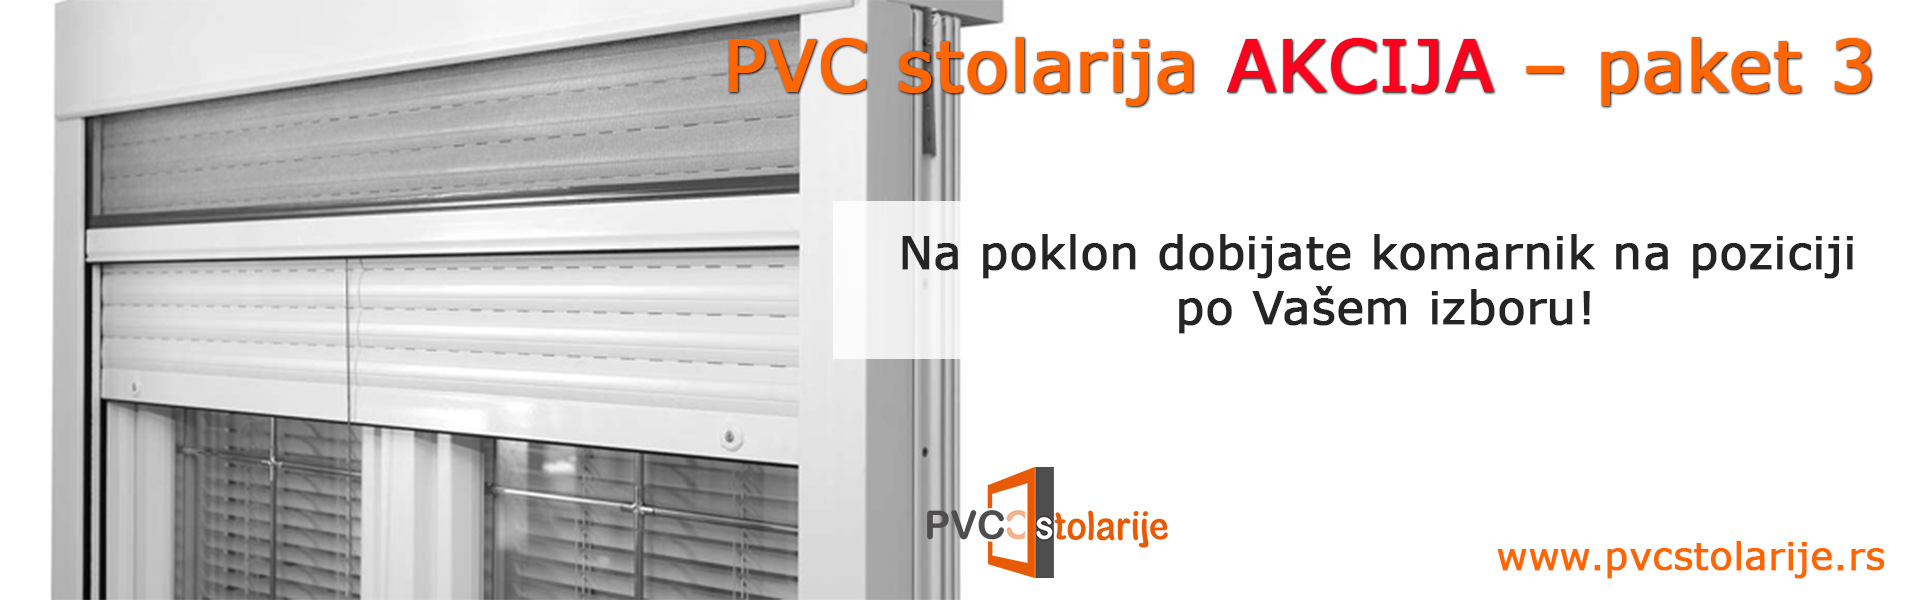 PVC stolarija akcija – paket 3 - PVC Stolarije Tim